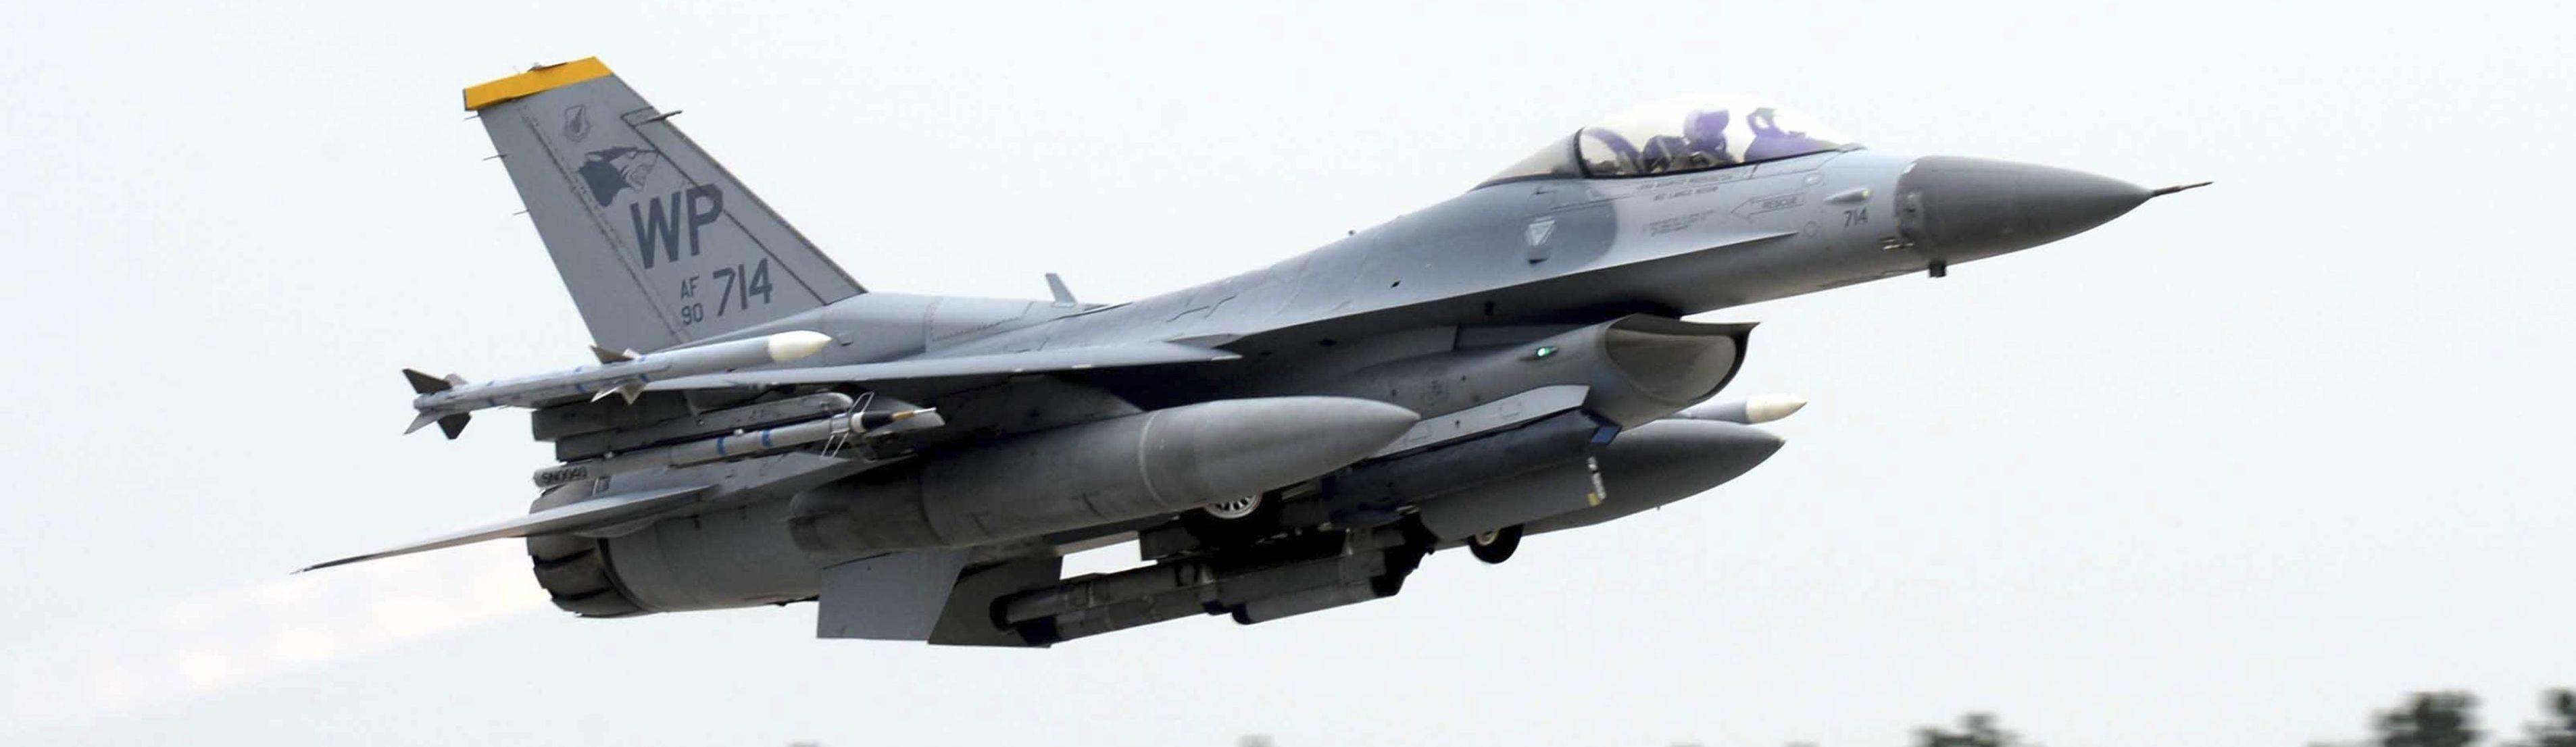 O F-16 Fighting Falcon é um jato norte-americano desenvolvido pela General Dynamics para a Força Aérea dos Estados Unidos. Está em serviço desde 1980